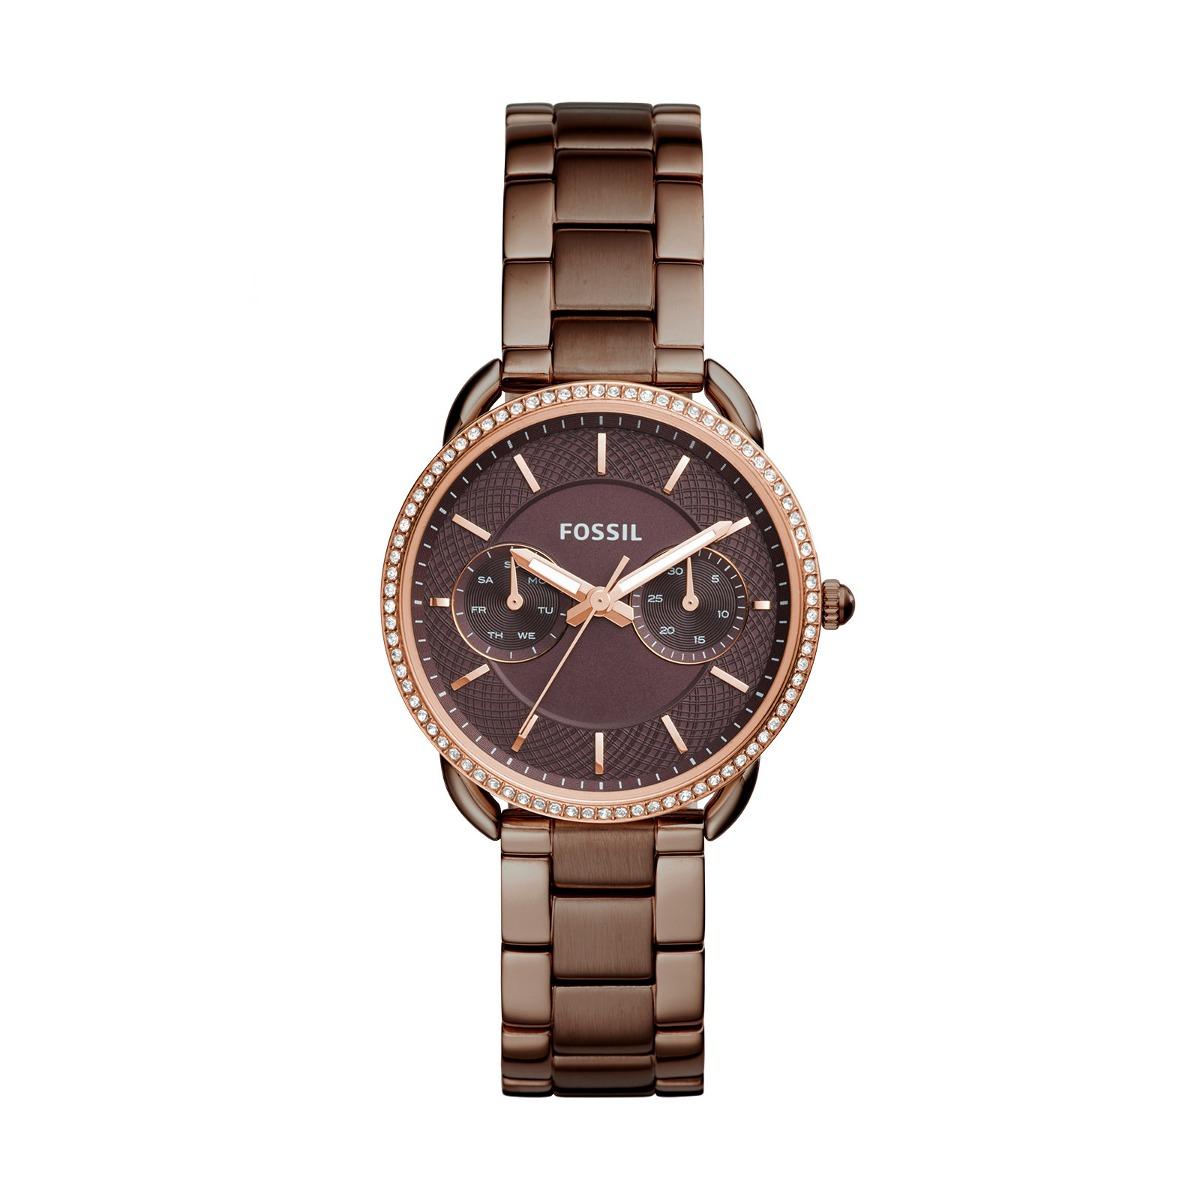 395983e9ef5a Reloj Fossil Para Mujer - Tailor Es4258 -   686.000 en Mercado Libre